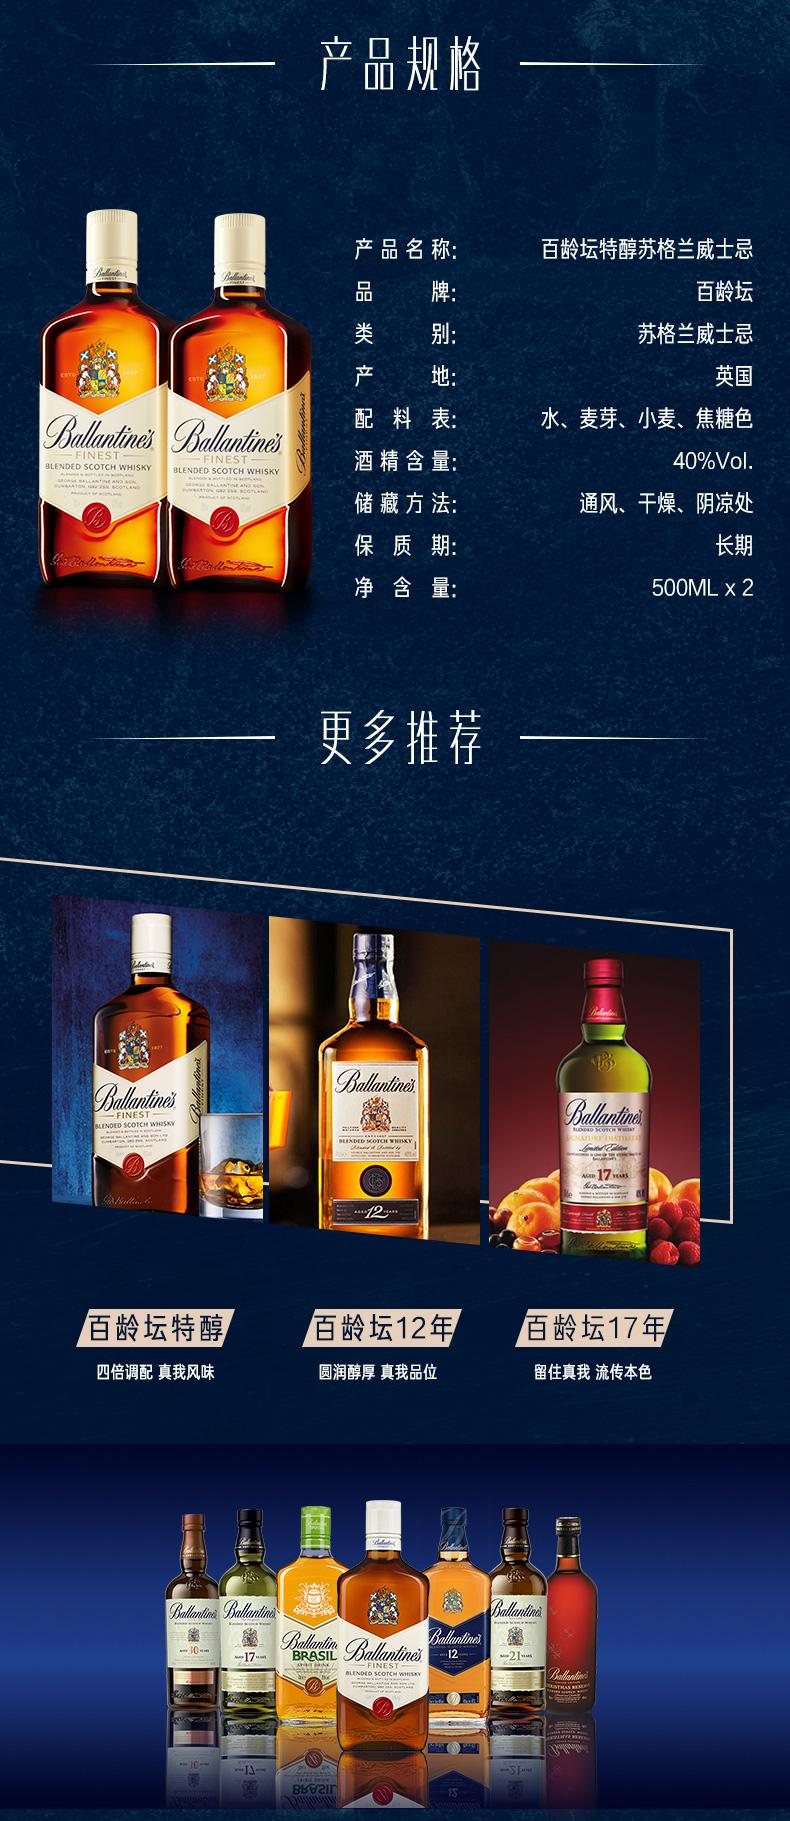 英国进口 百龄坛 特醇威士忌 500ml*2瓶 定制礼盒装 图8